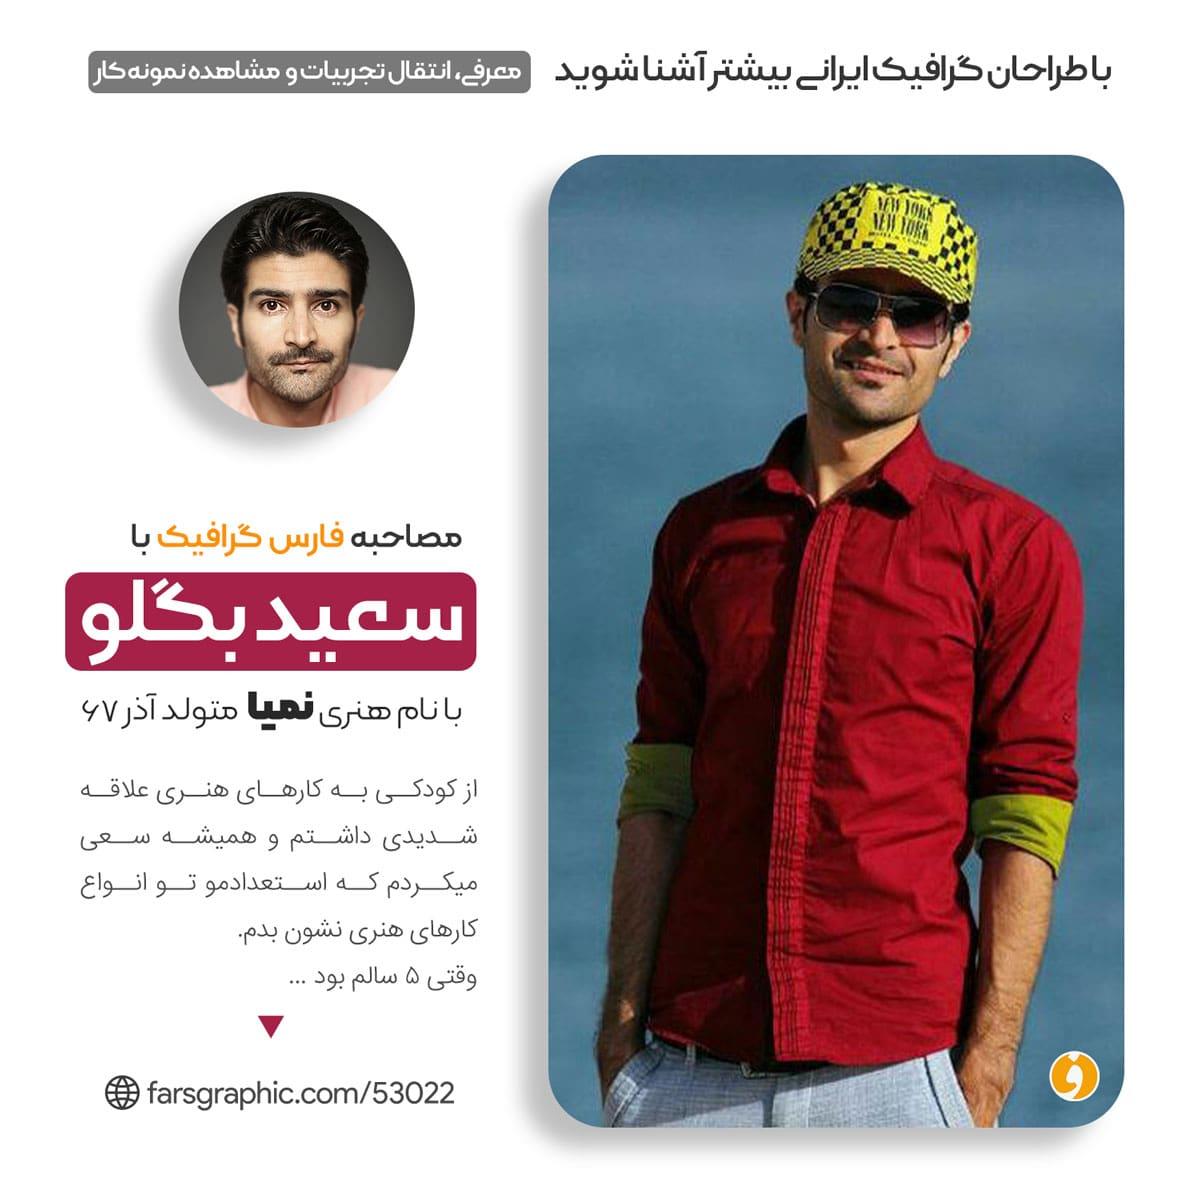 مصاحبه با طراح گرافیک سعید بگلو (نمیا)